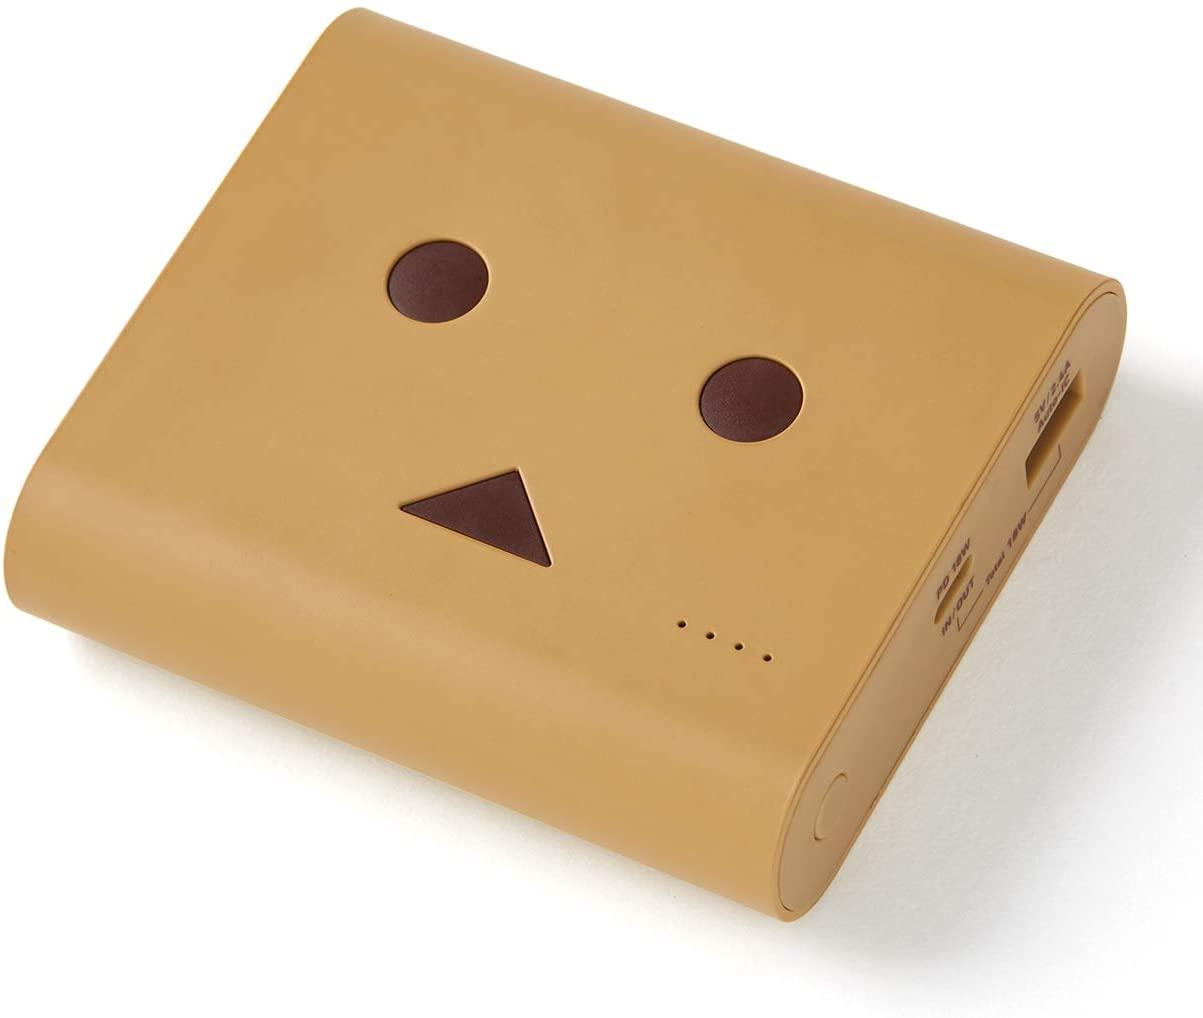 cheero(チーロ) モバイルバッテリー CHE-097-BRの商品画像